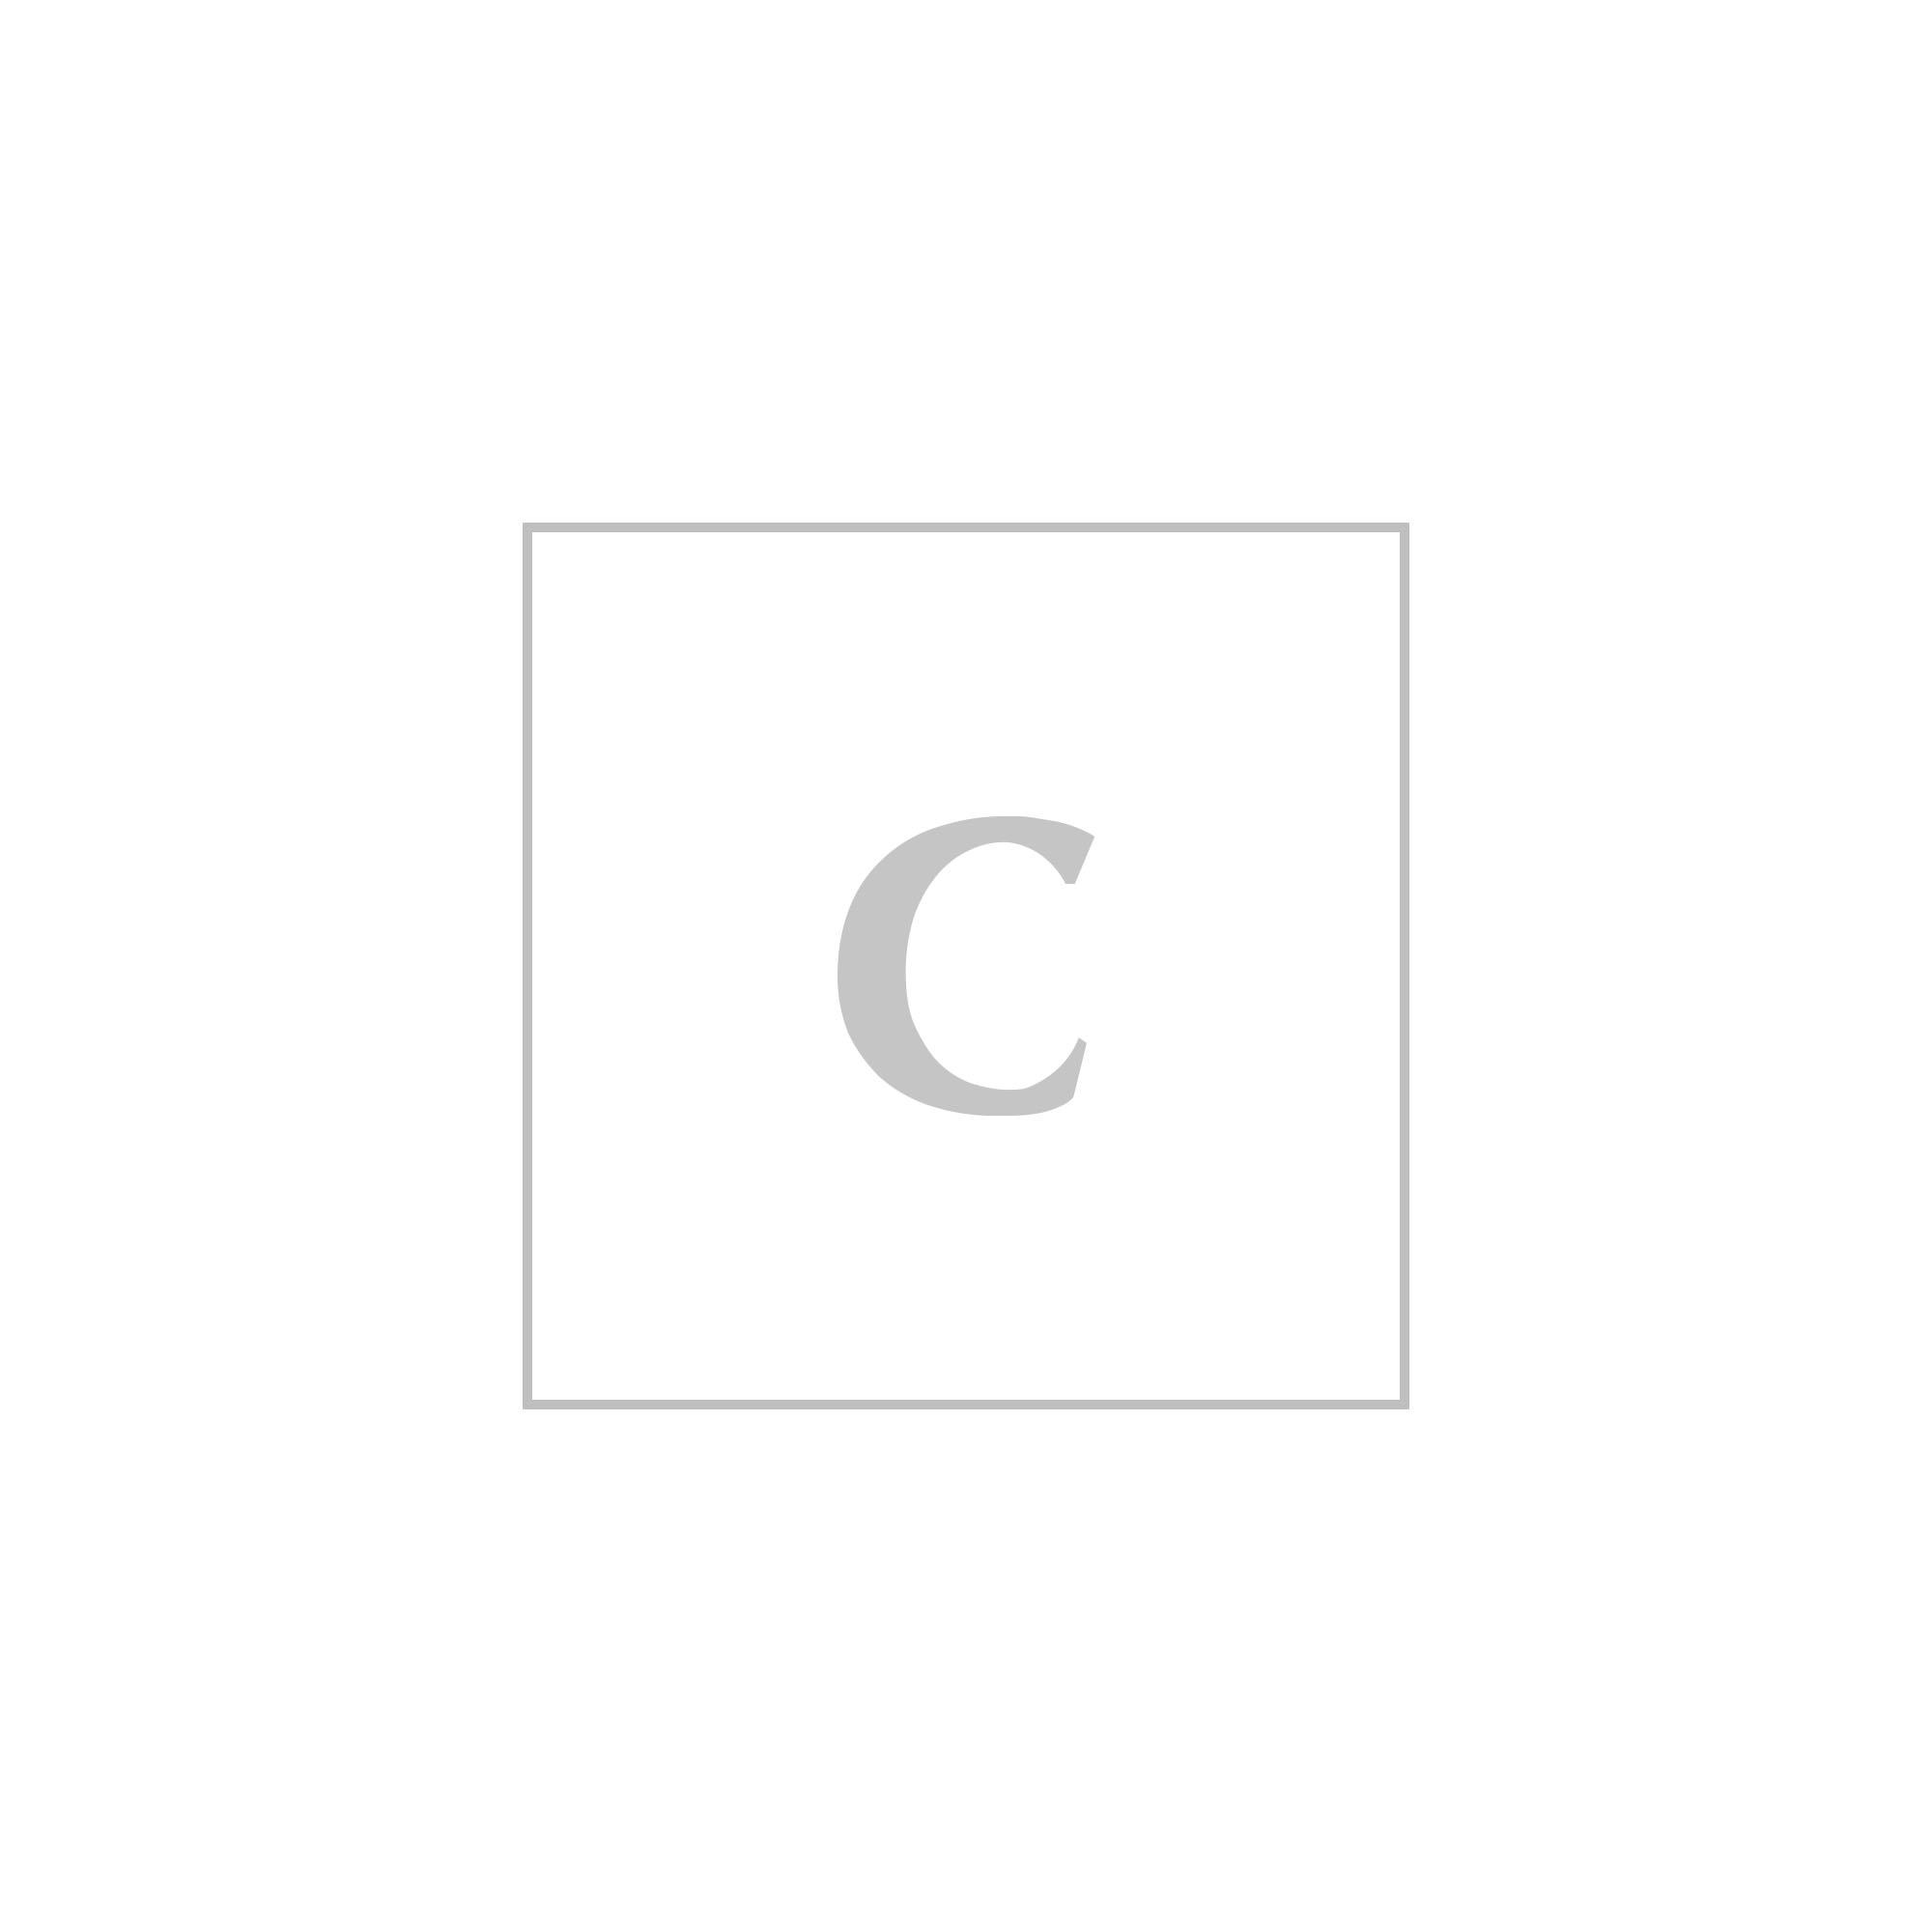 Moncler giubbotto acorus